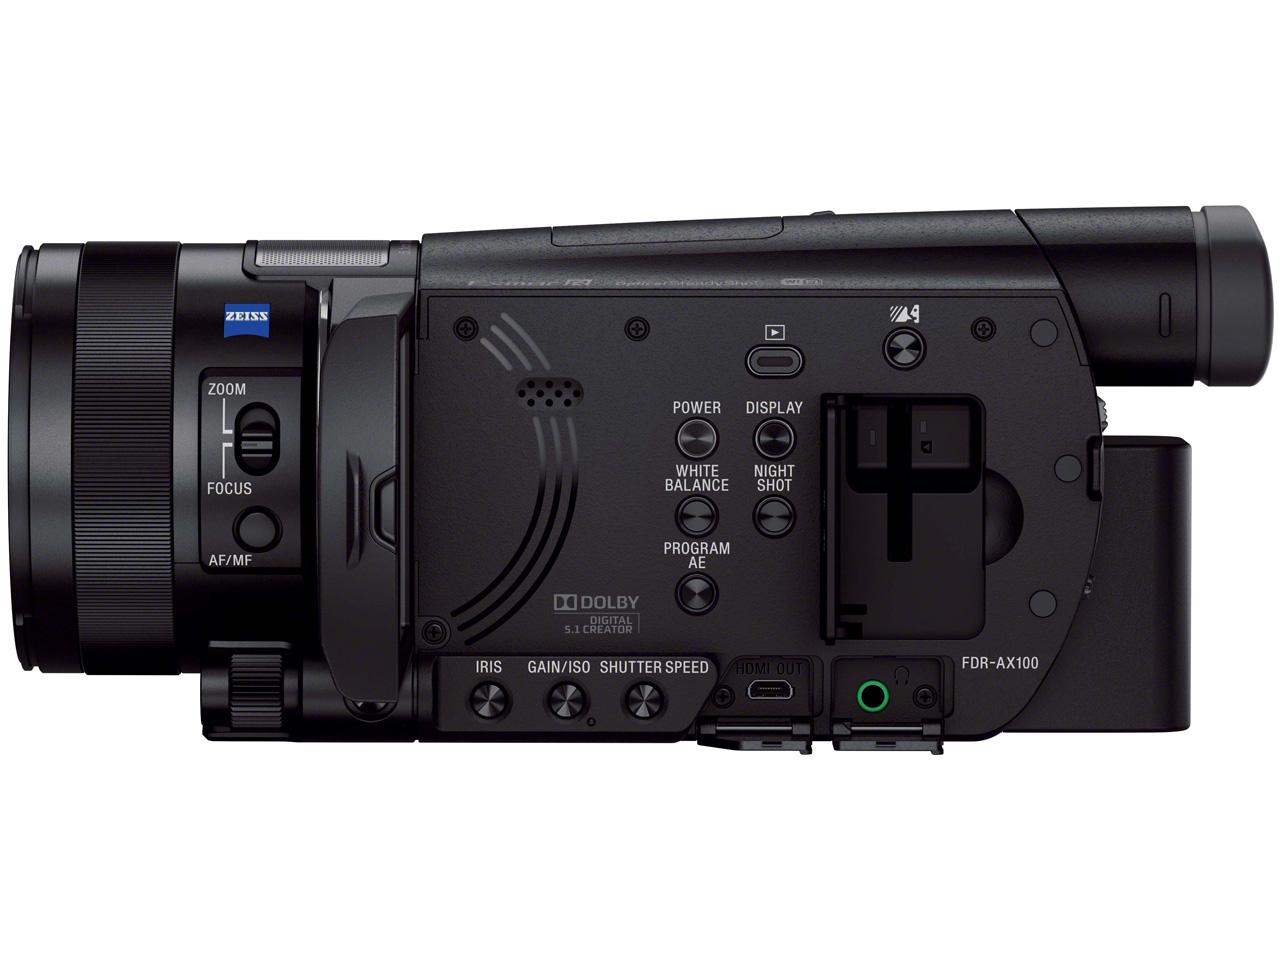 『本体4』 FDR-AX100 の製品画像